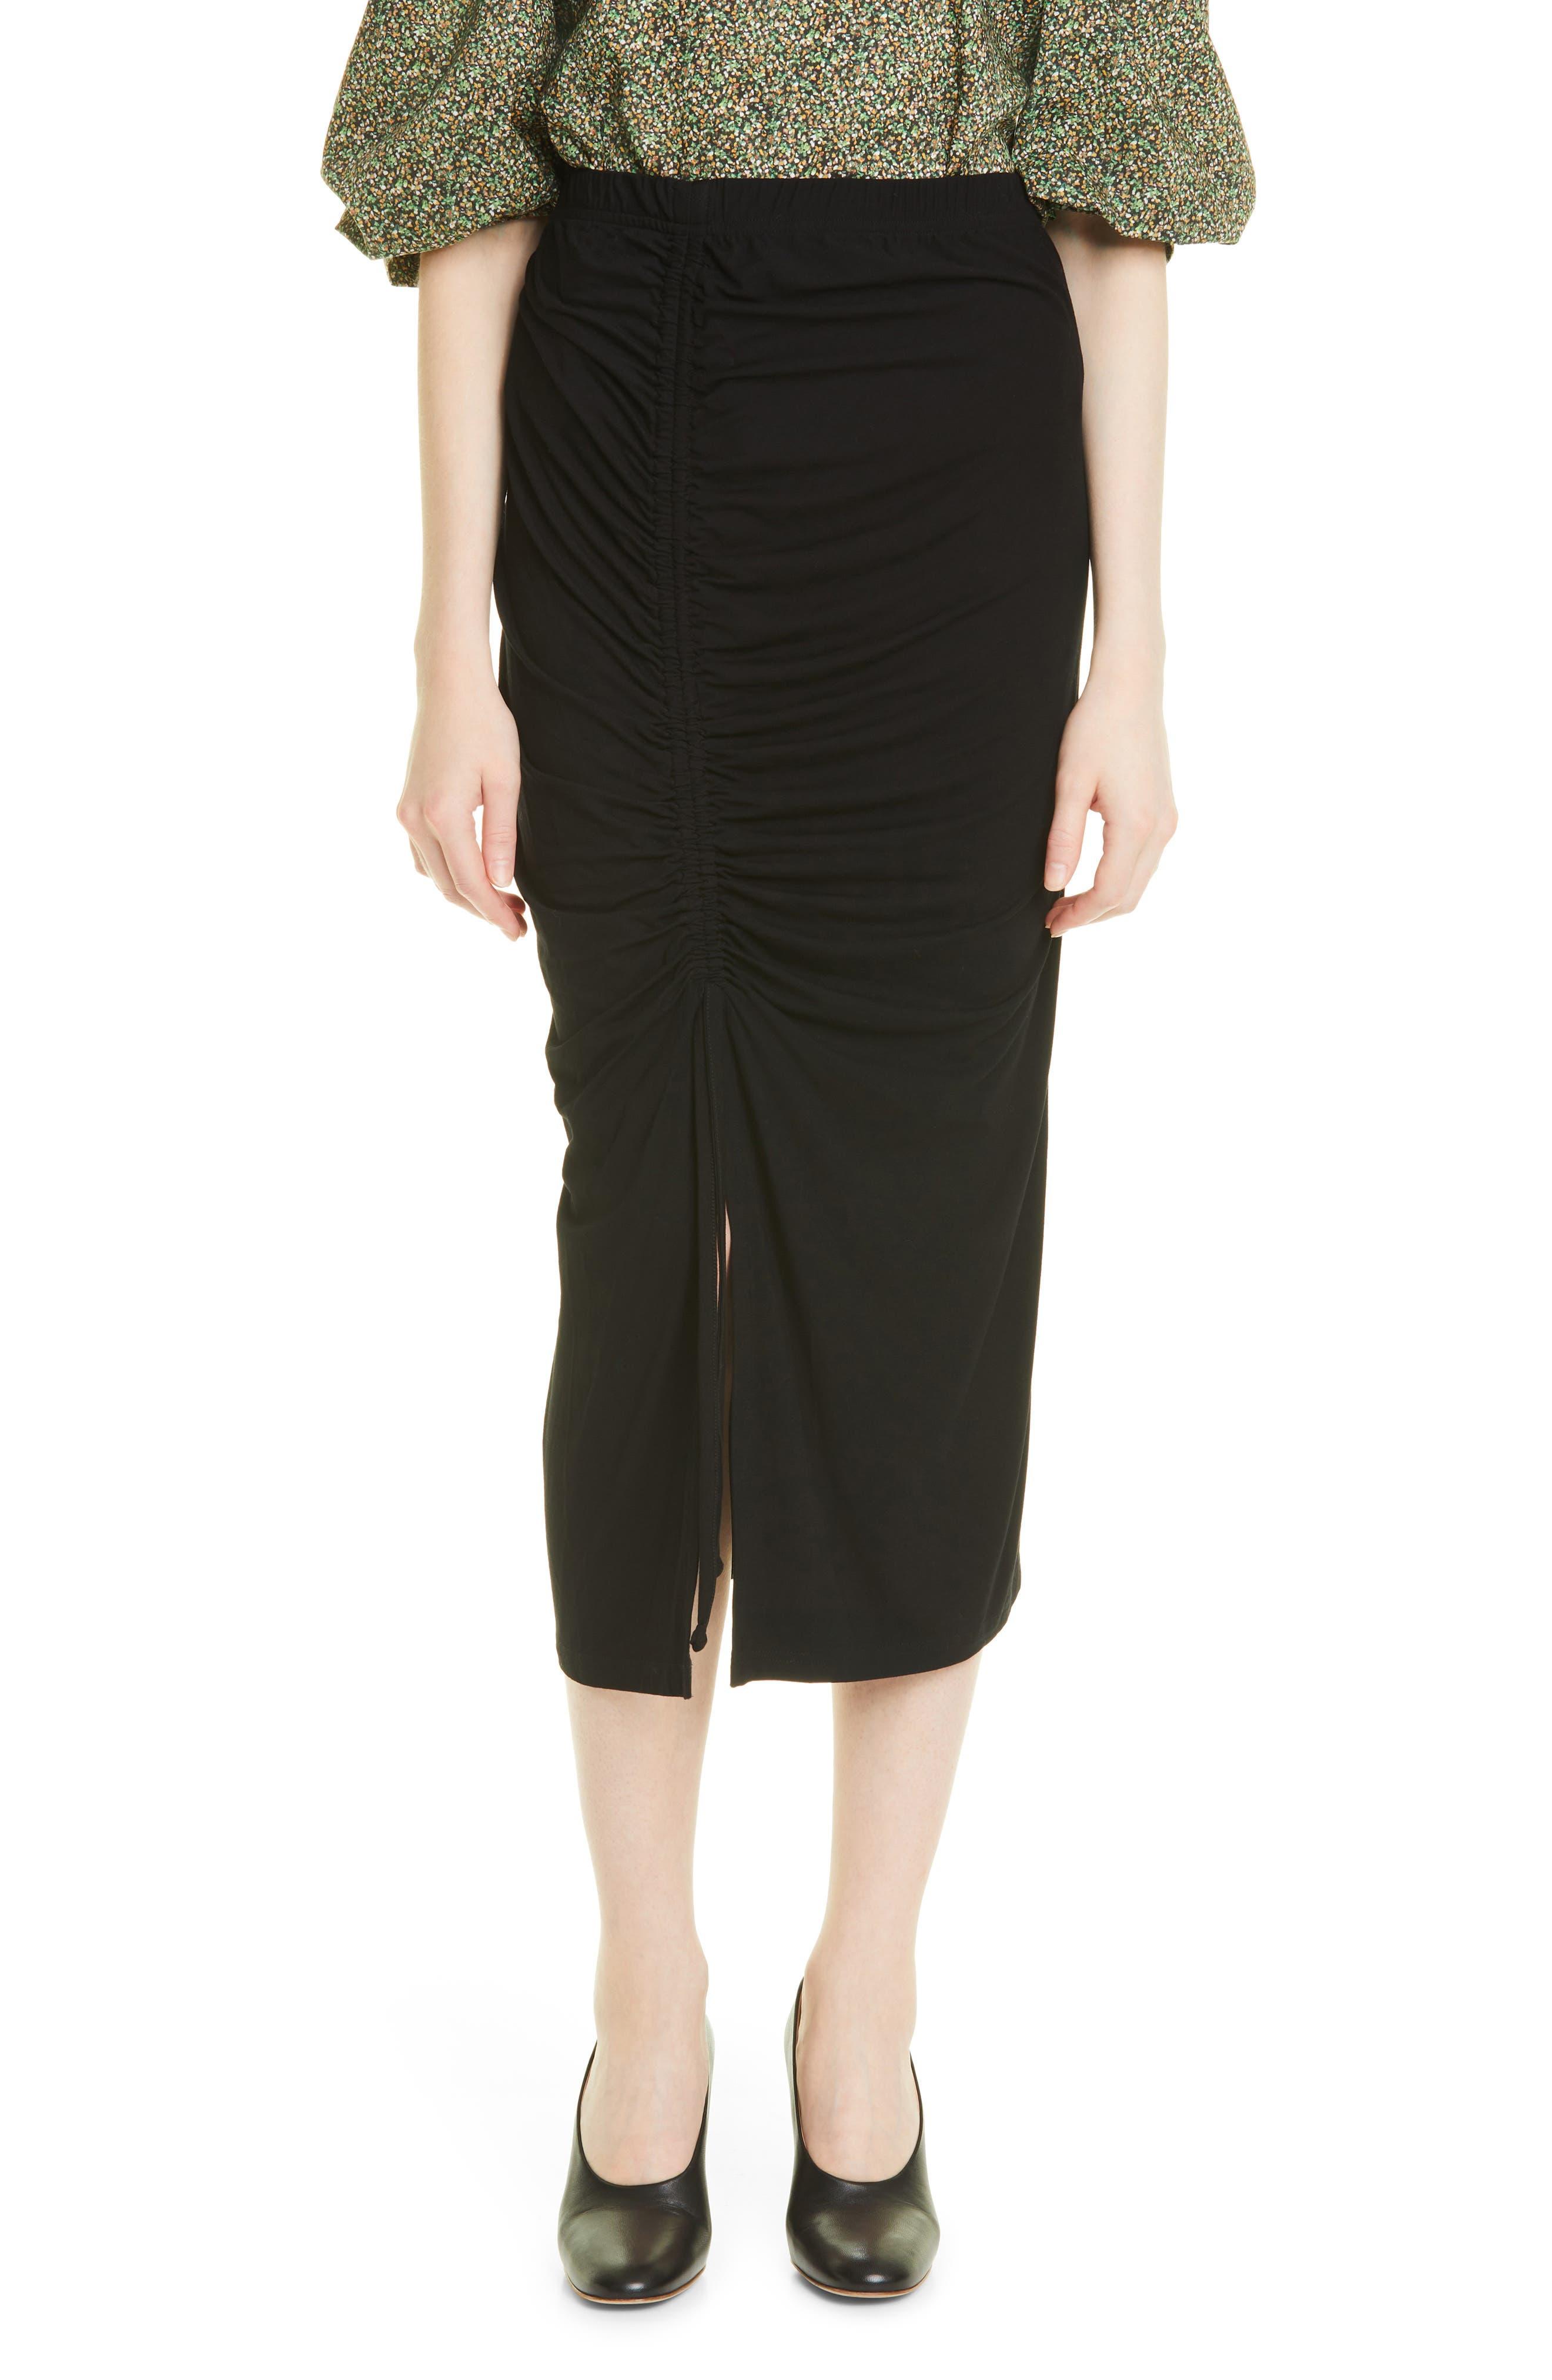 Gino Pencil Skirt